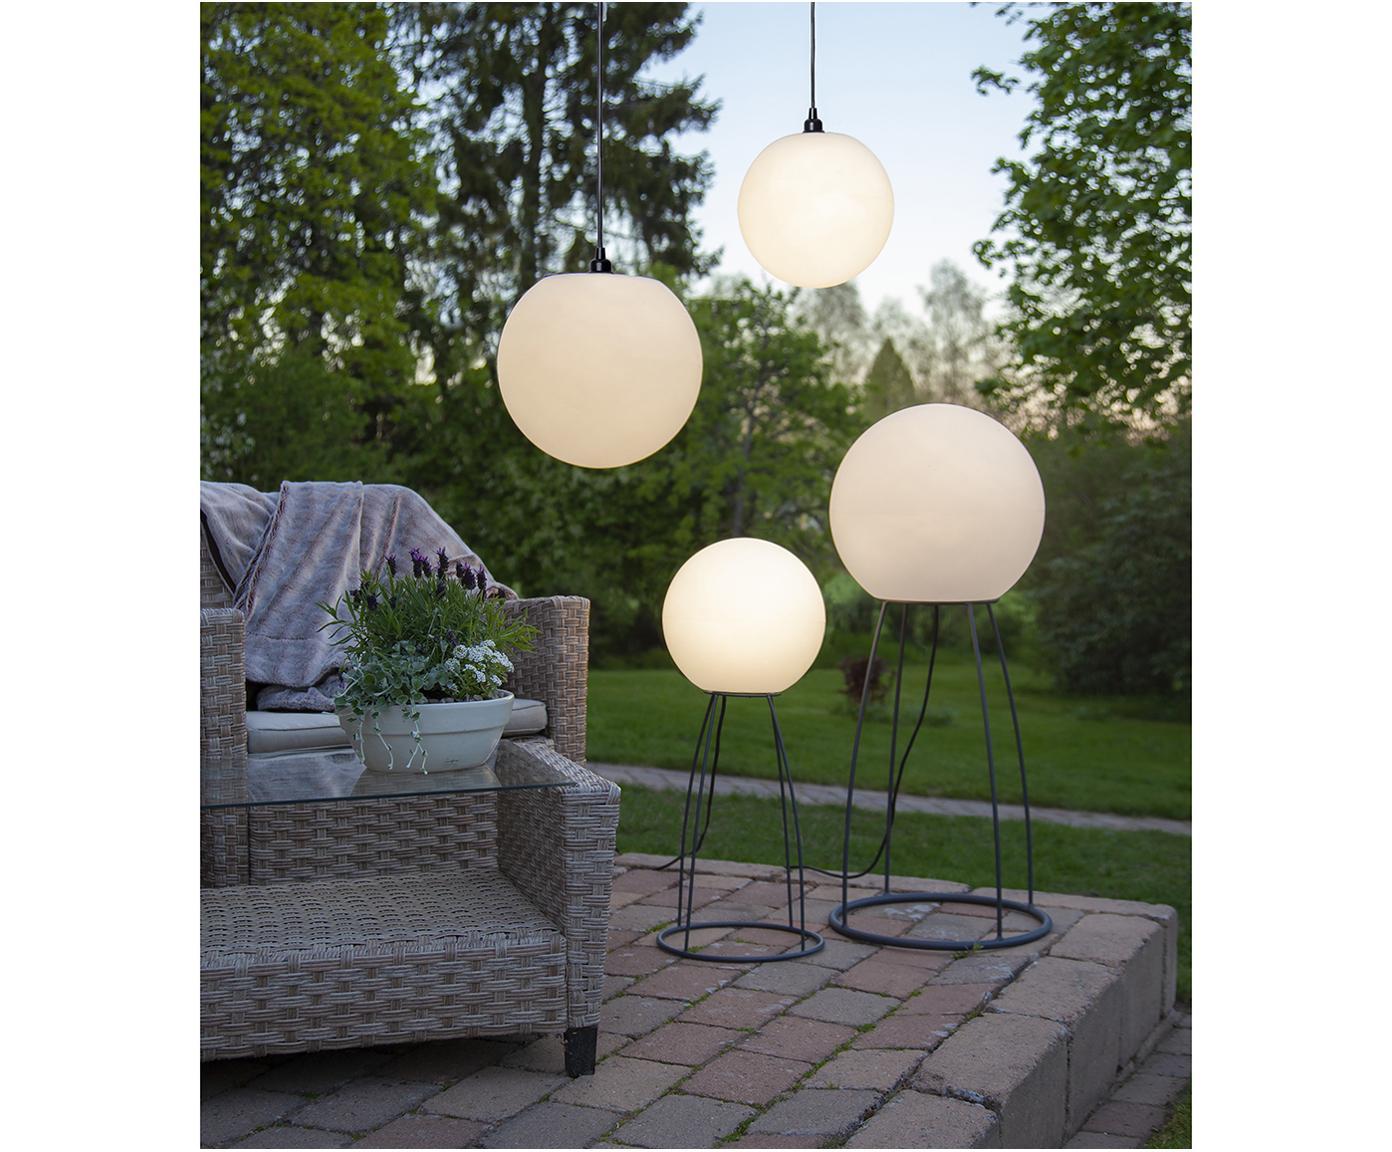 Zewnętrzna lampa LED Gardenlight, Stelaż: metal, Biały, czarny, Ø 29 x W 70 cm